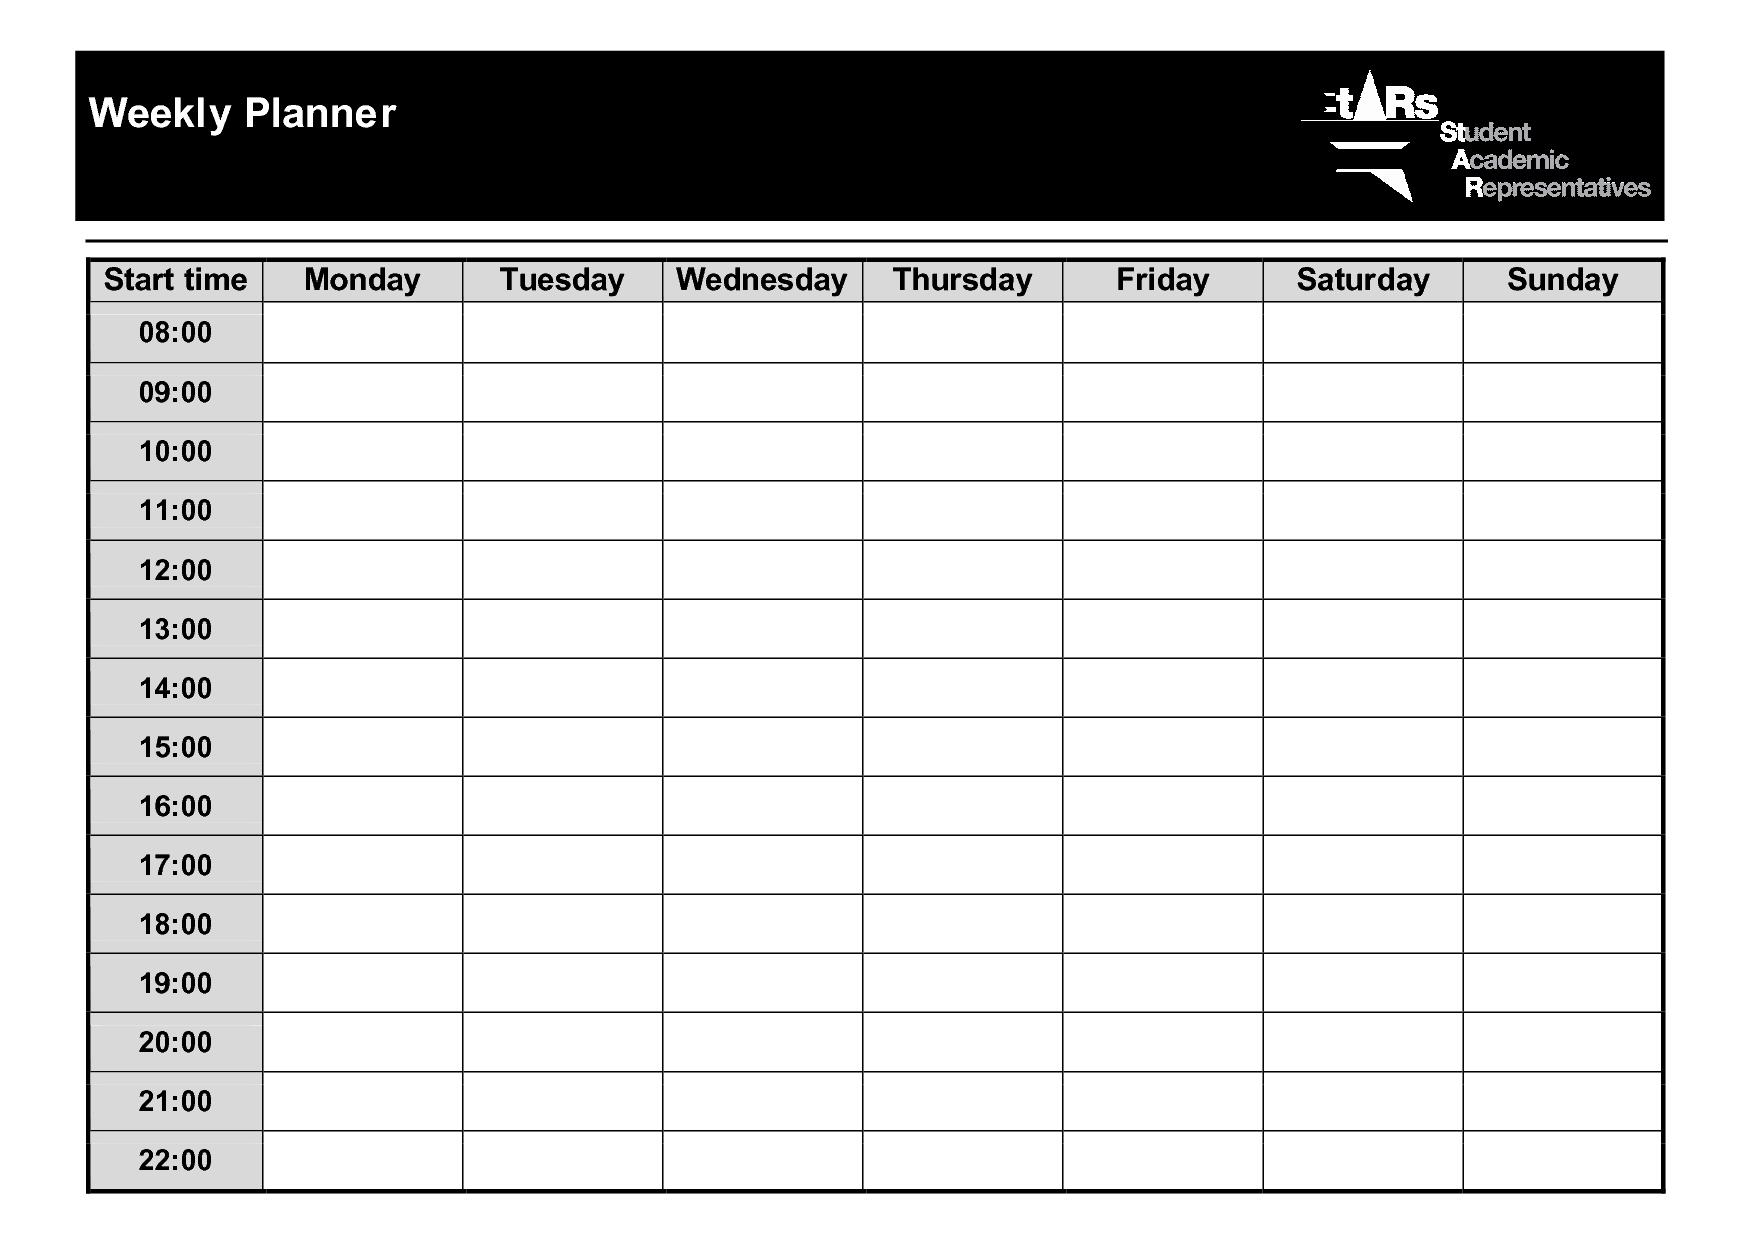 Weekly+Planner+Template+Pdf   Weekly Planner Template 2 Week Planner Printable